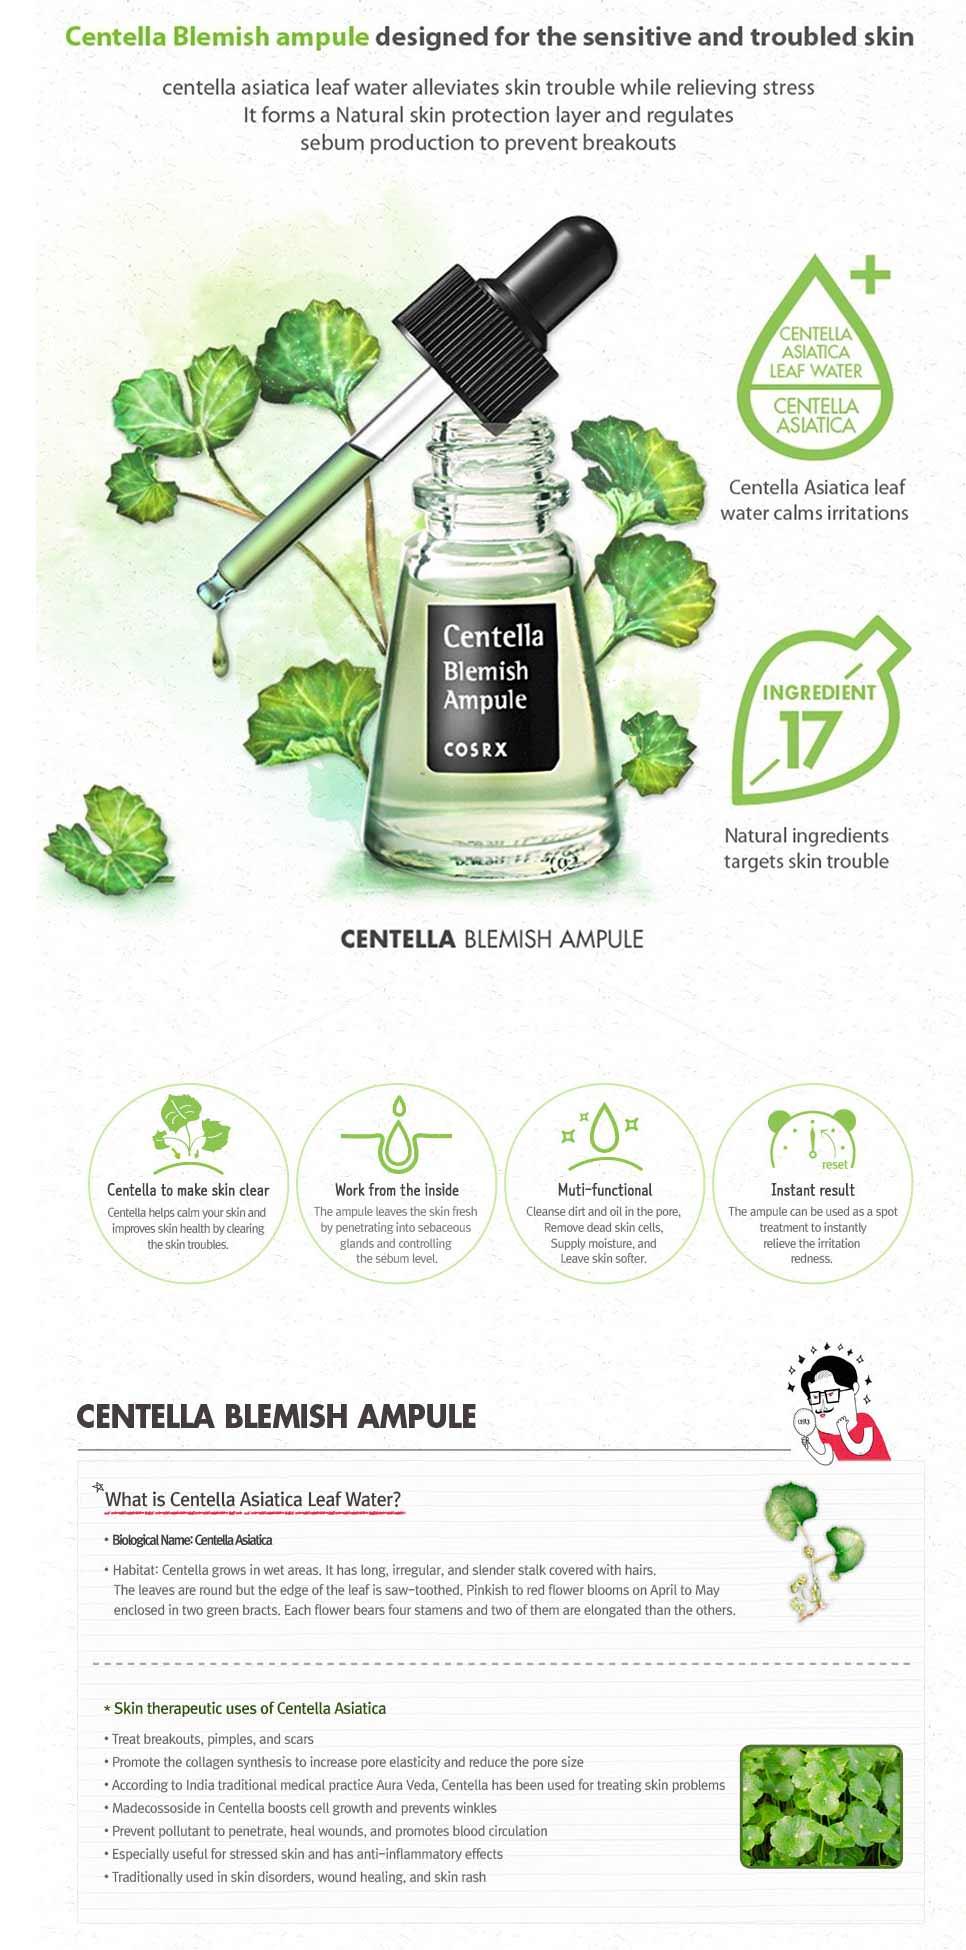 cosrx-centella-blemish-ampule-detalii